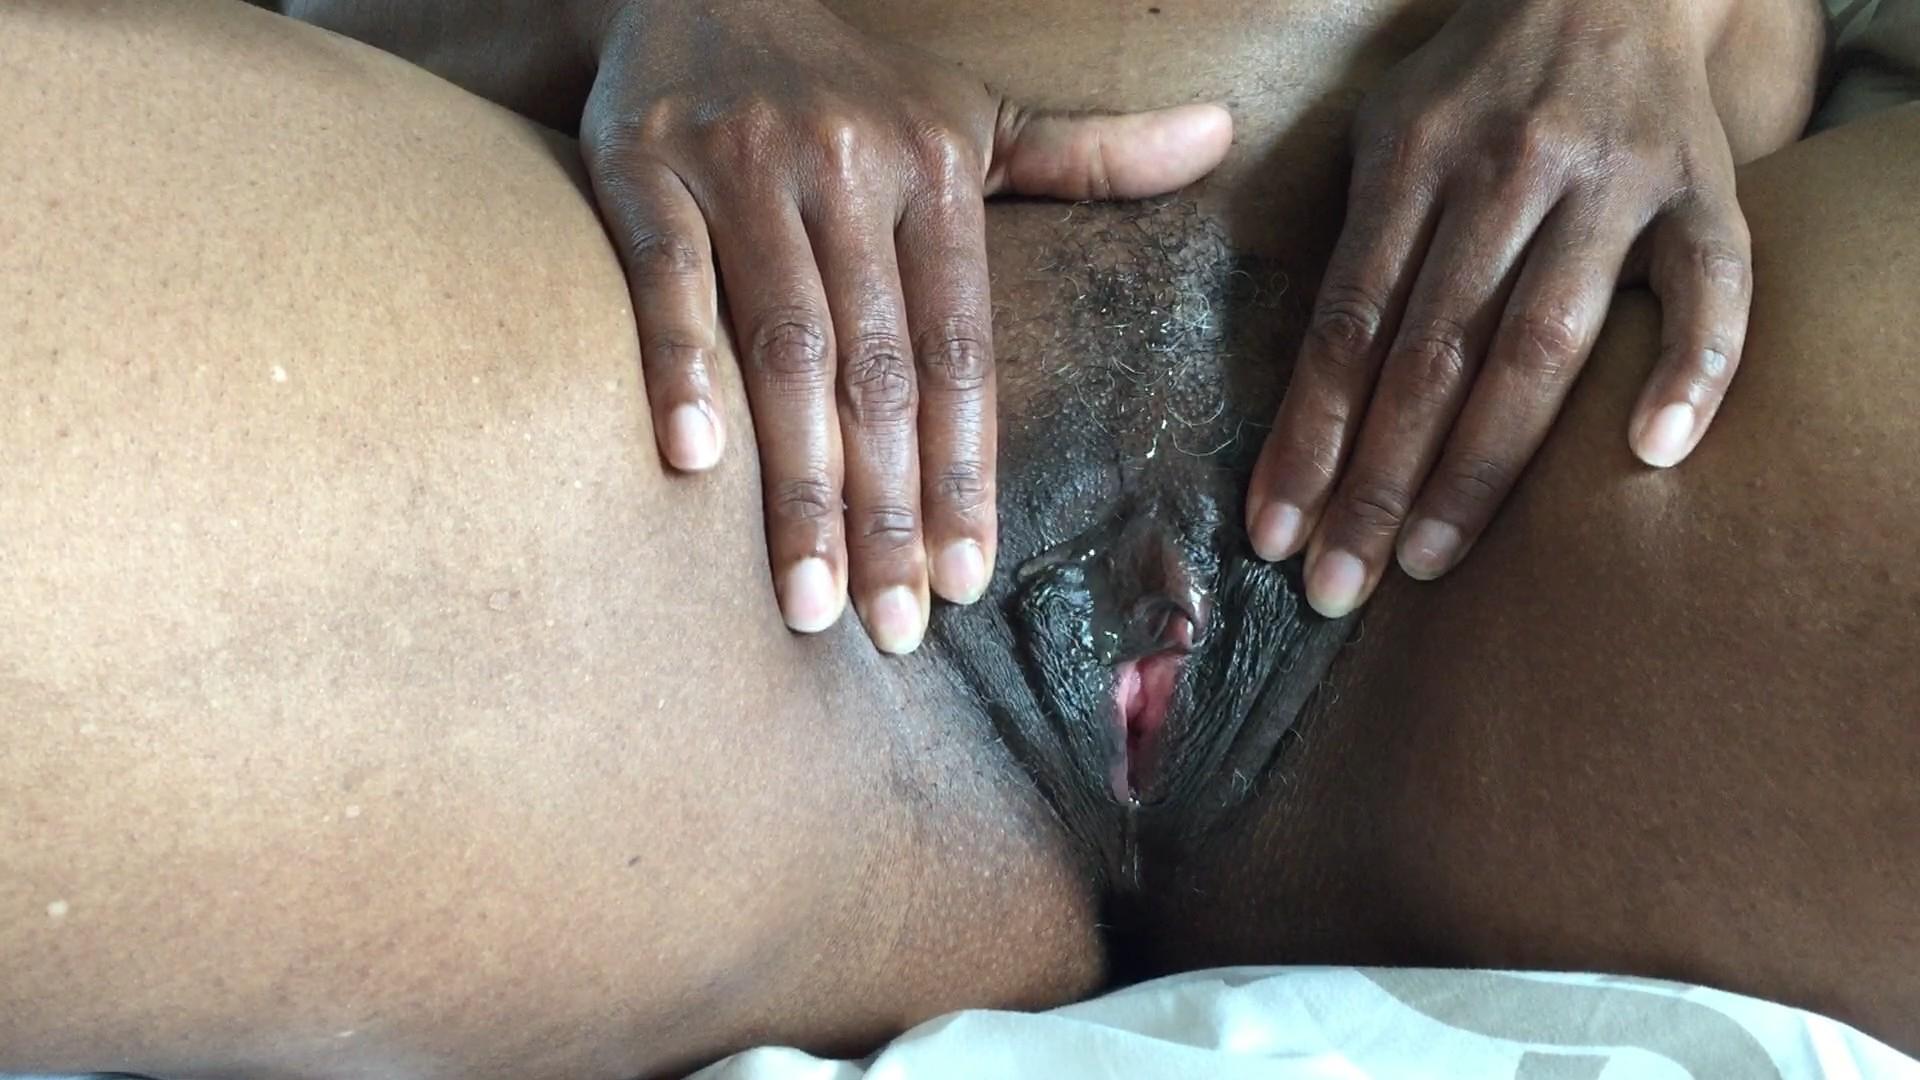 Негритянка ласкает себя пальчиком, большие голые целюлитные жопы